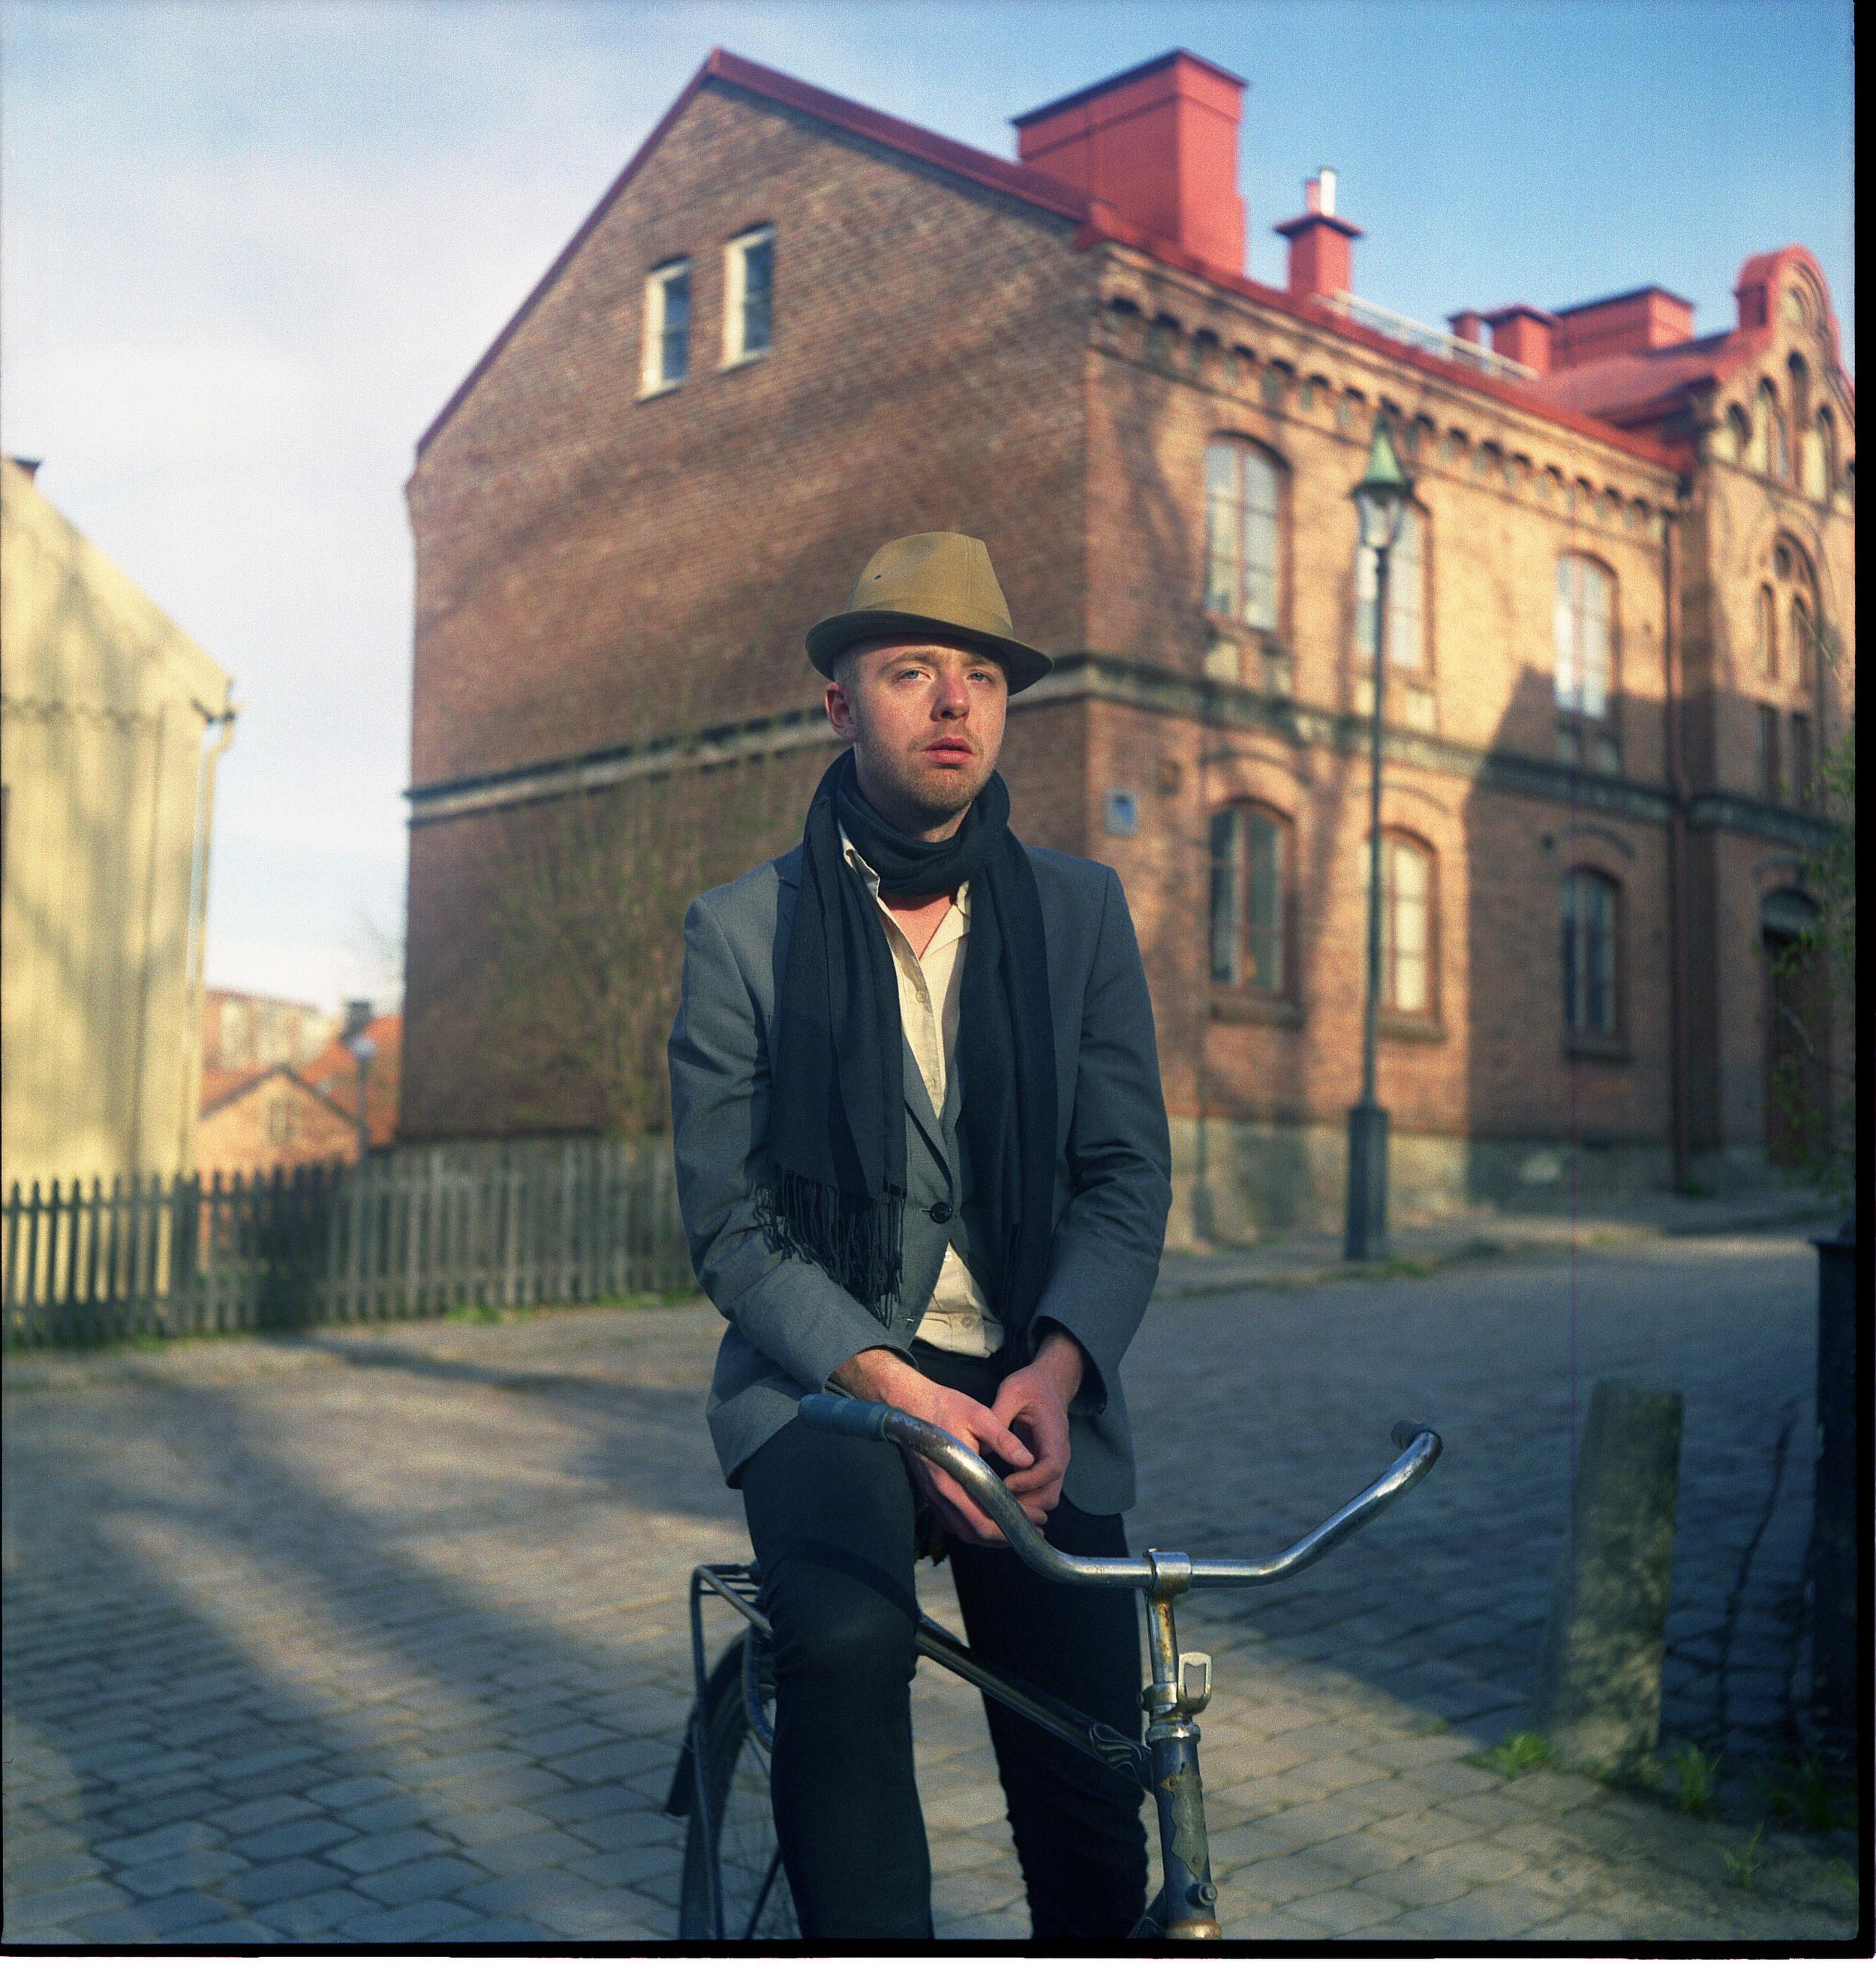 martin på cykel.jpg